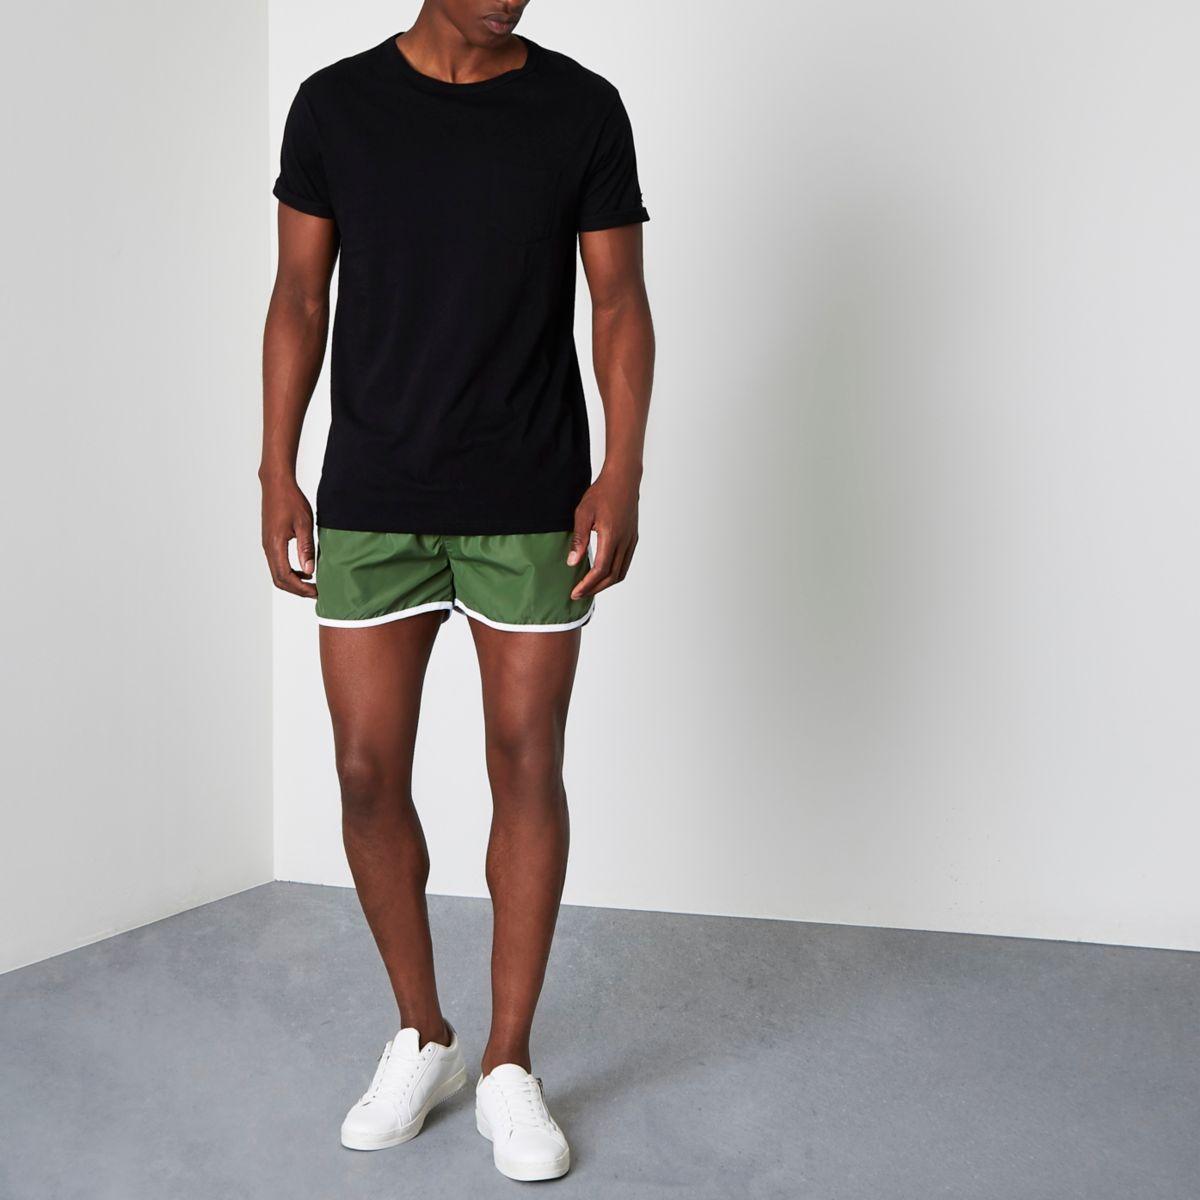 Green runner swim trunks